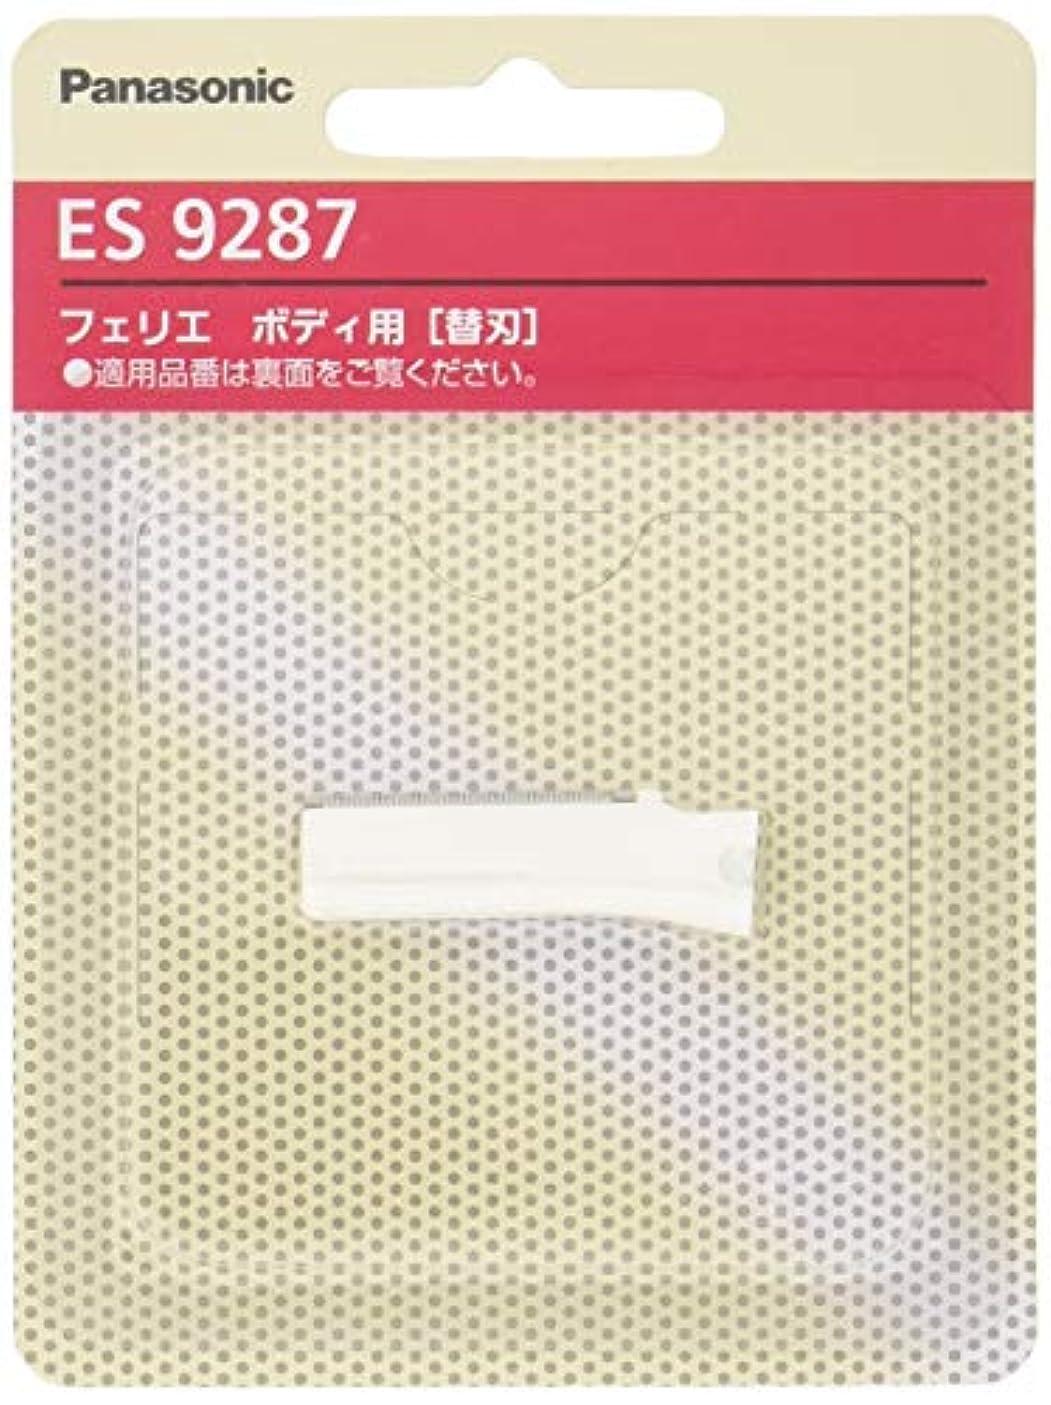 元の歯科医付添人パナソニック 替刃 フェリエ ボディ用 ES9287